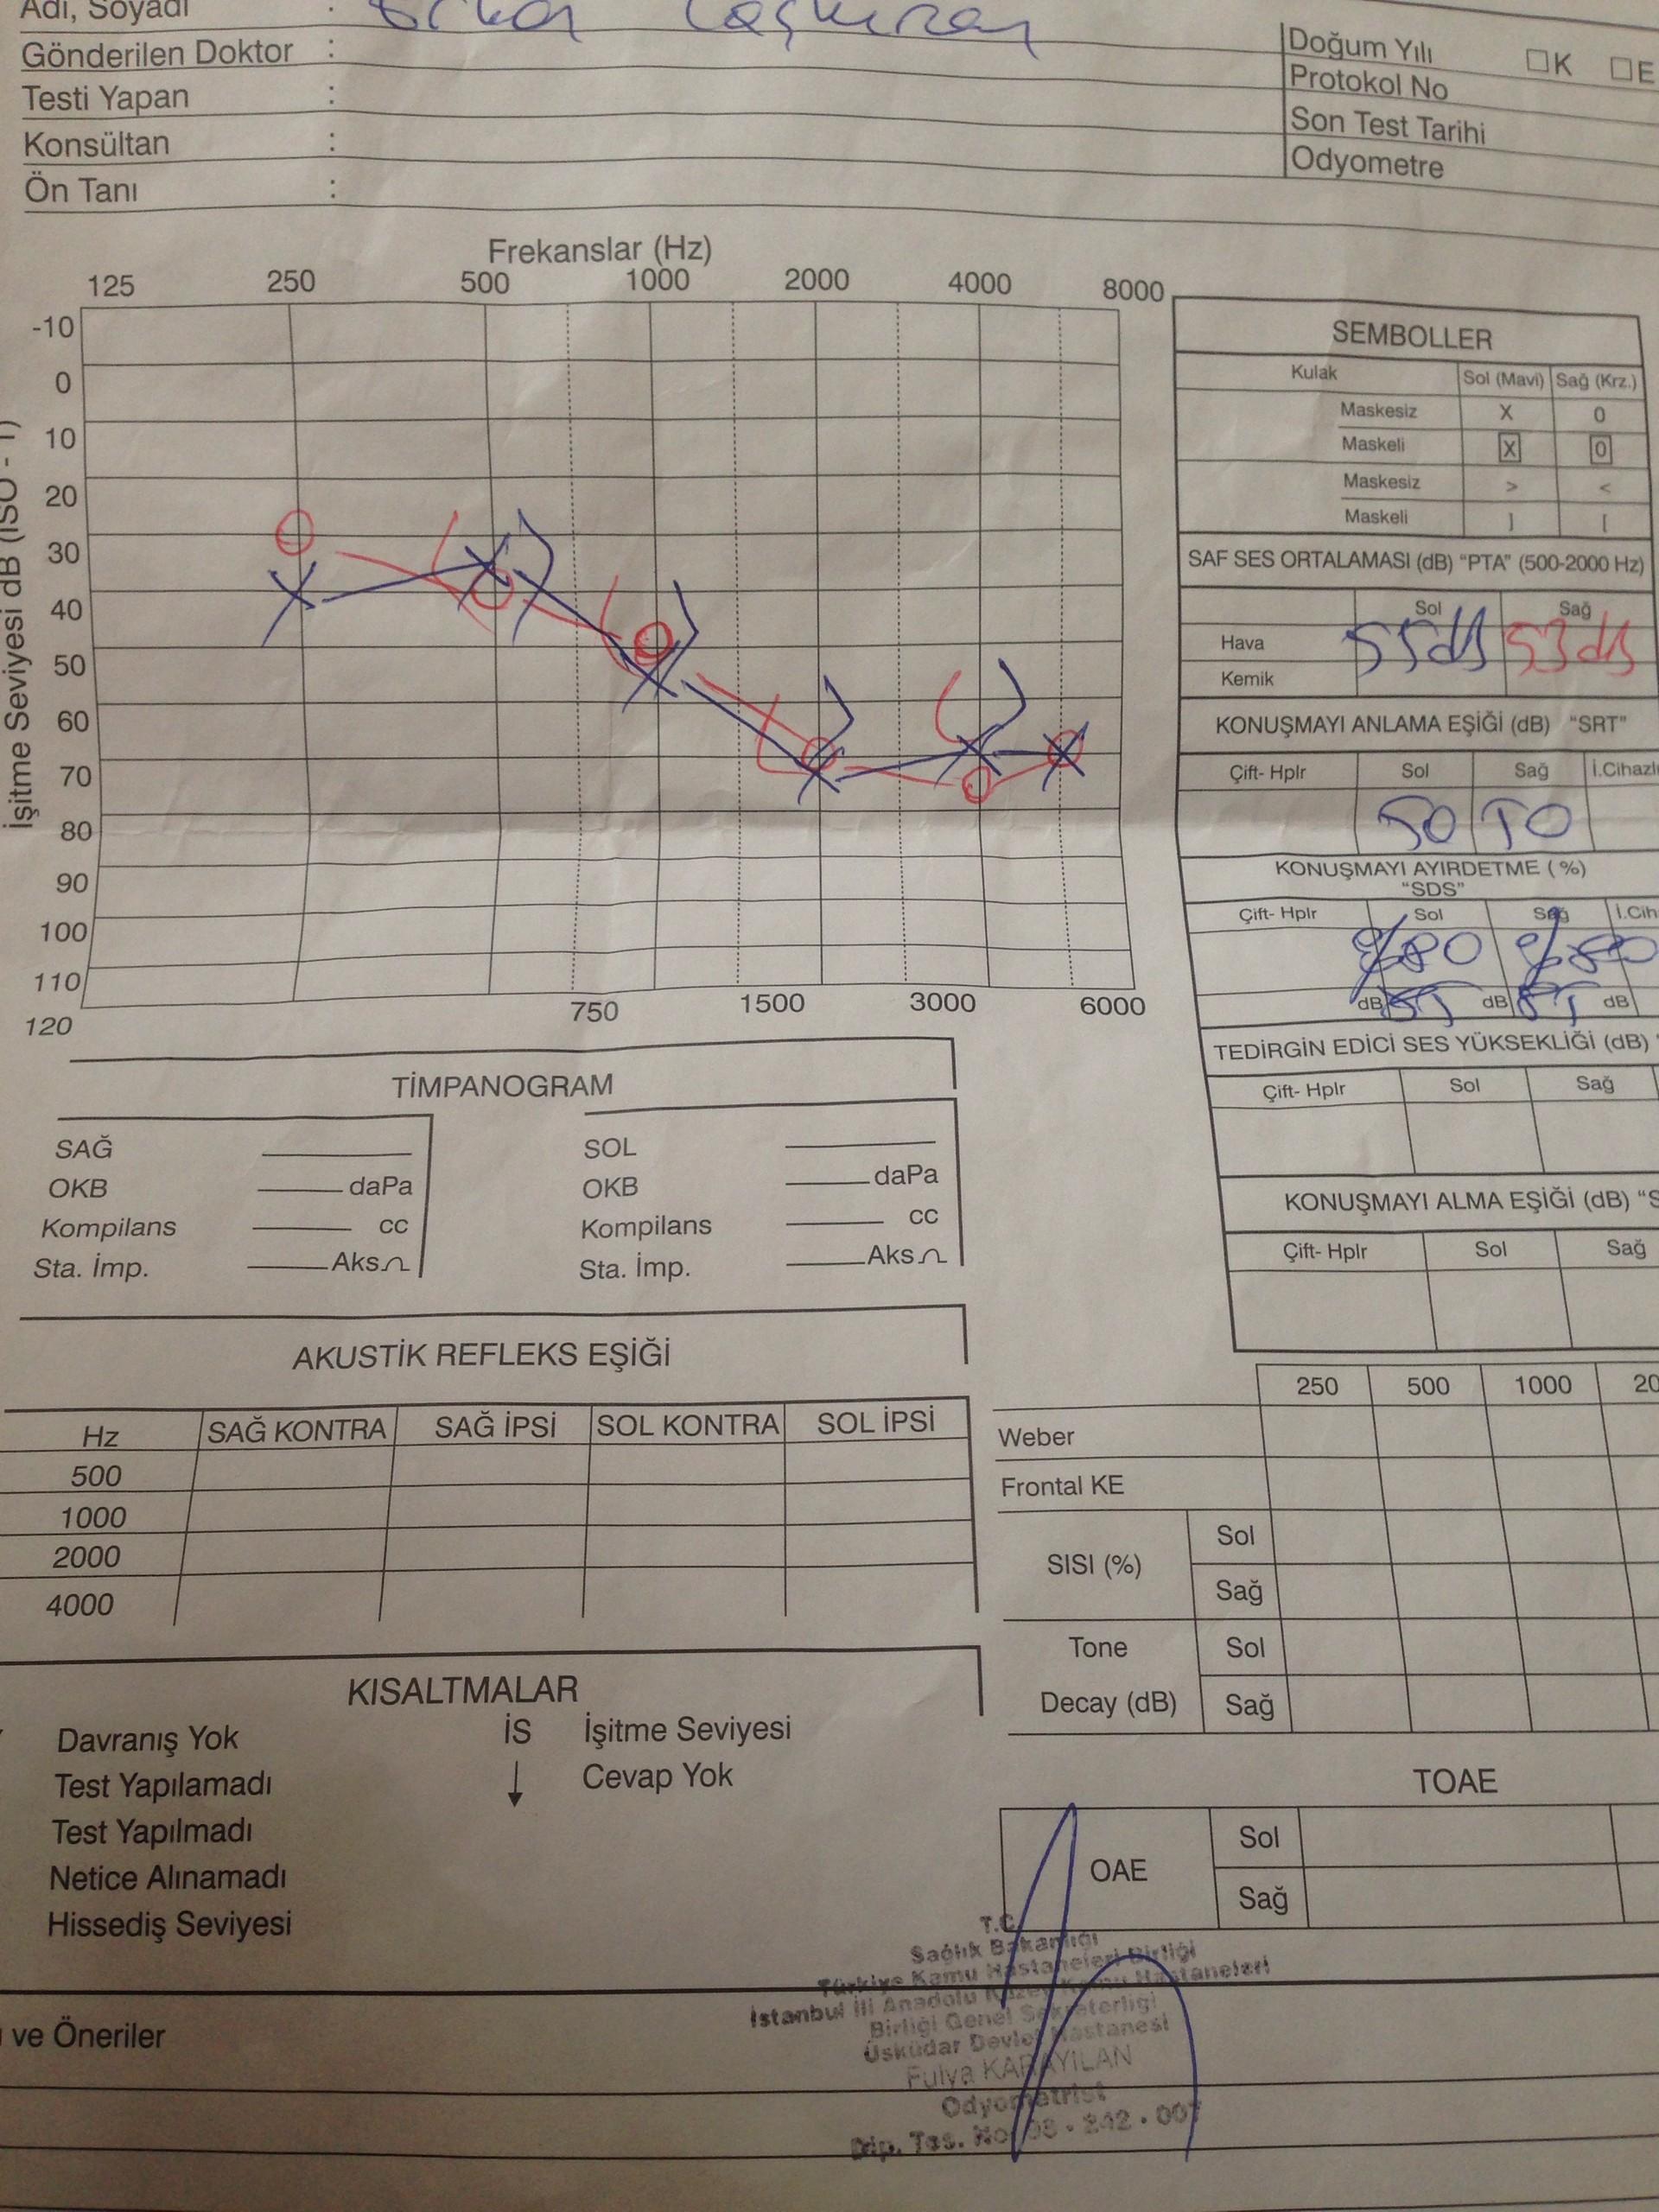 RVjV66 - İşitme testinden özür oranı hesaplanması